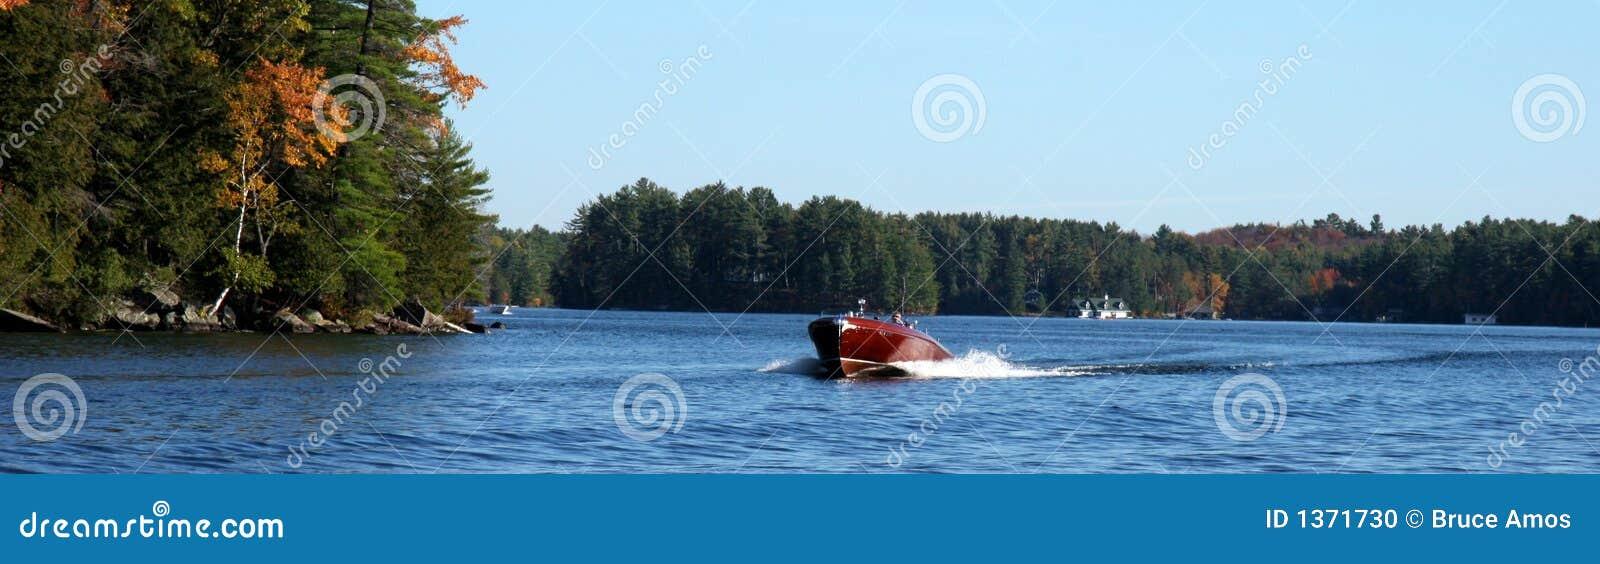 Hölzernes Boot auf einem See